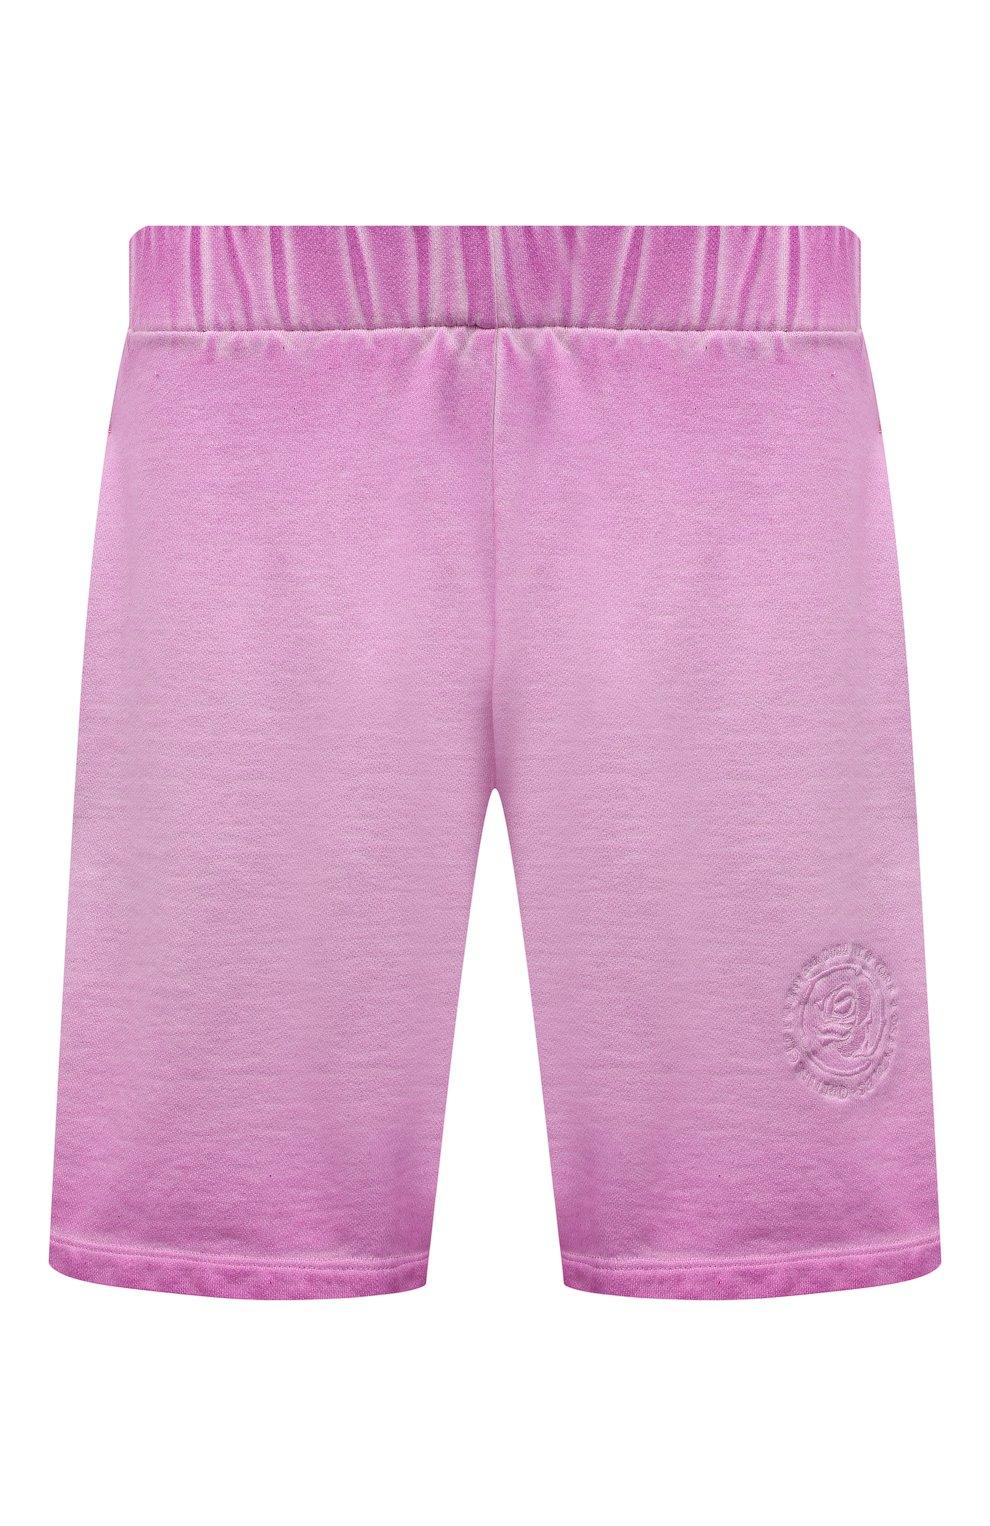 Мужские хлопковые шорты OPENING CEREMONY розового цвета, арт. YMCI001S21FLE001 | Фото 1 (Длина Шорты М: До колена; Принт: Без принта; Кросс-КТ: Трикотаж; Материал внешний: Хлопок; Стили: Спорт-шик)